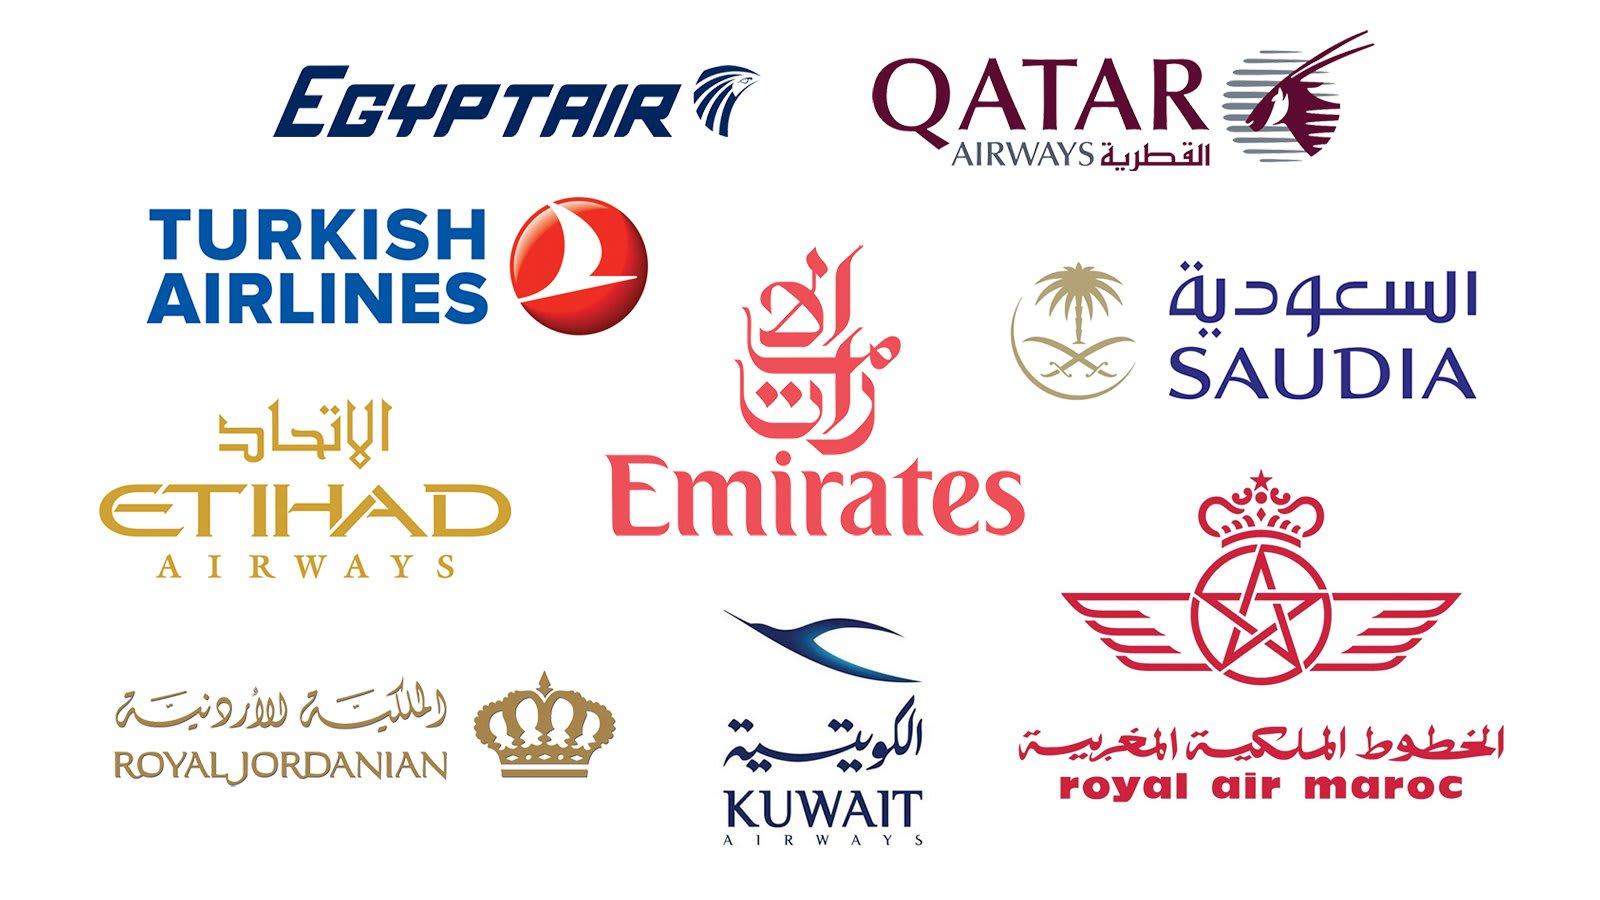 بعد حظر الإلكترونيات.. هل سيتجنب المسافرون من رجال الأعمال مطارات الشرق الأوسط؟